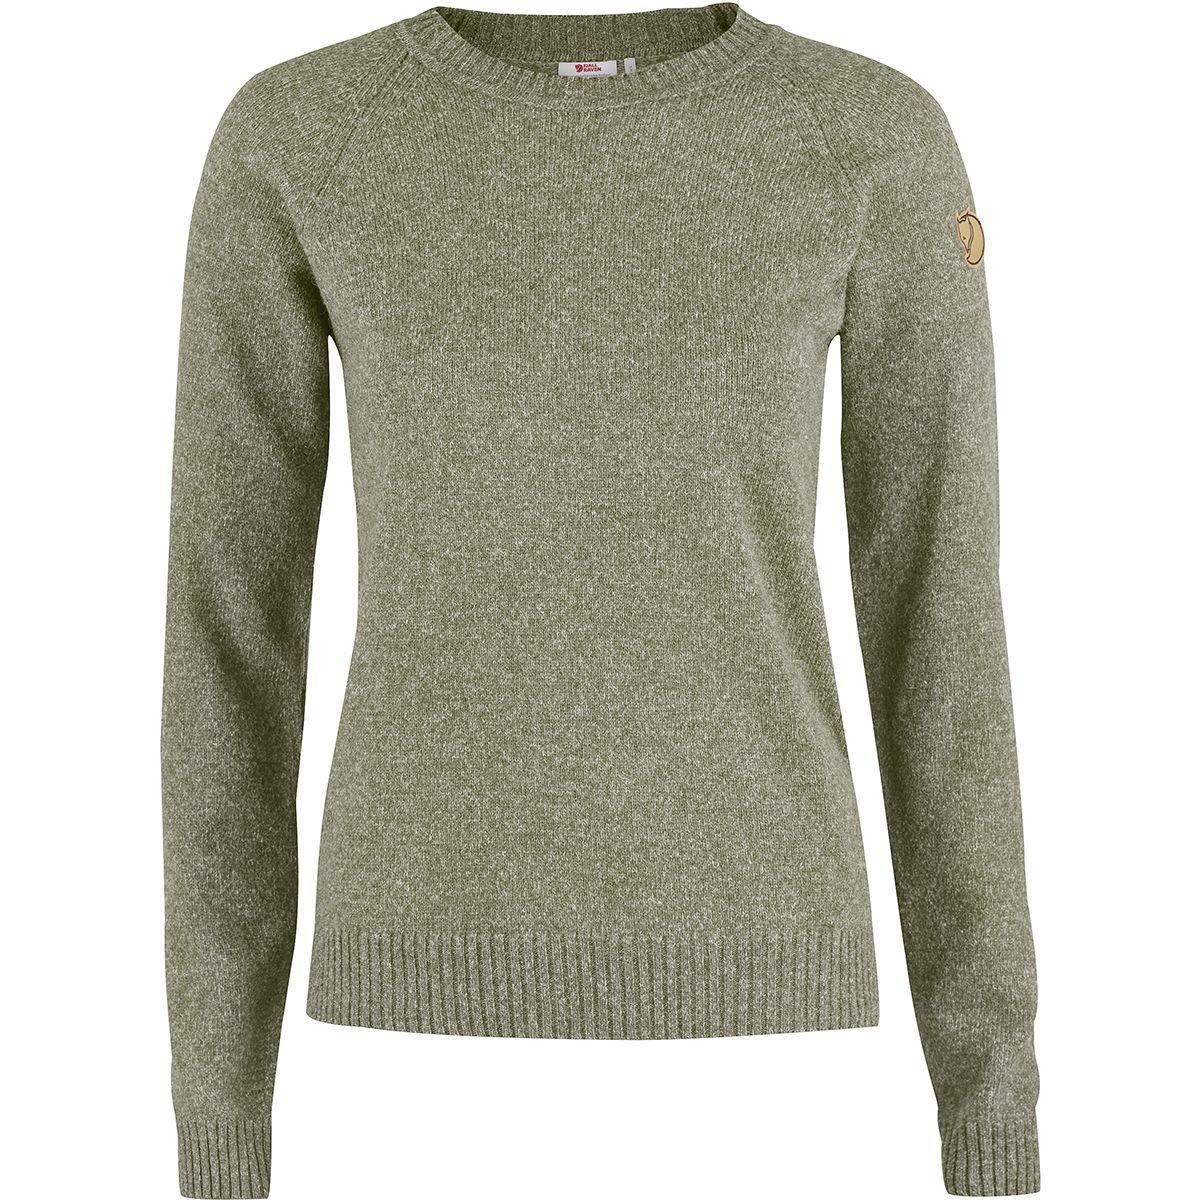 Fjällräven Övik Re-Wool Sweater Women - Damen Strickpullover  Amazon.de   Sport   Freizeit c29606f9f4